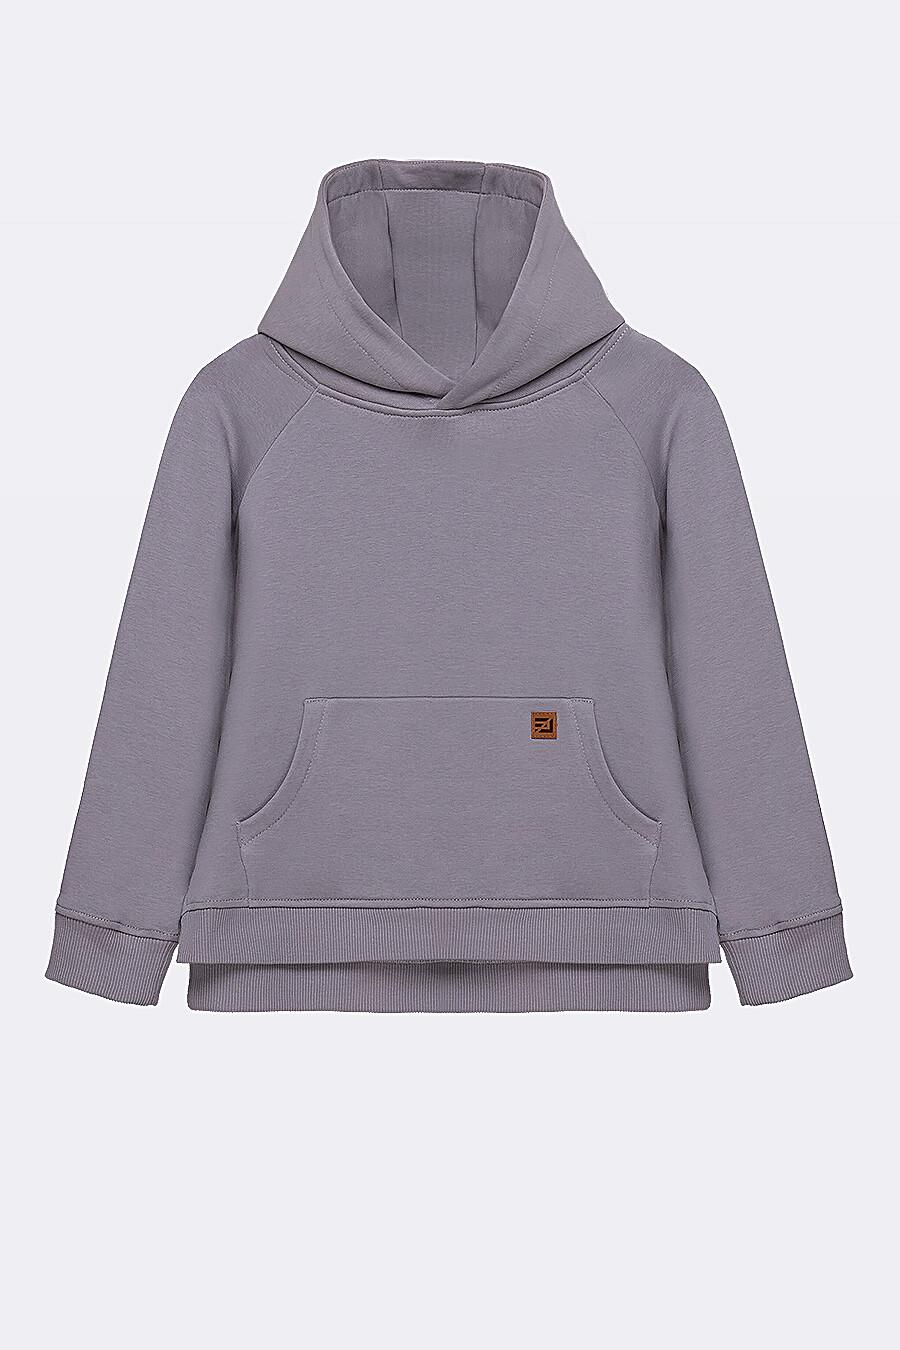 Костюм(Худи+Брюки) для мальчиков EZANNA 682563 купить оптом от производителя. Совместная покупка детской одежды в OptMoyo